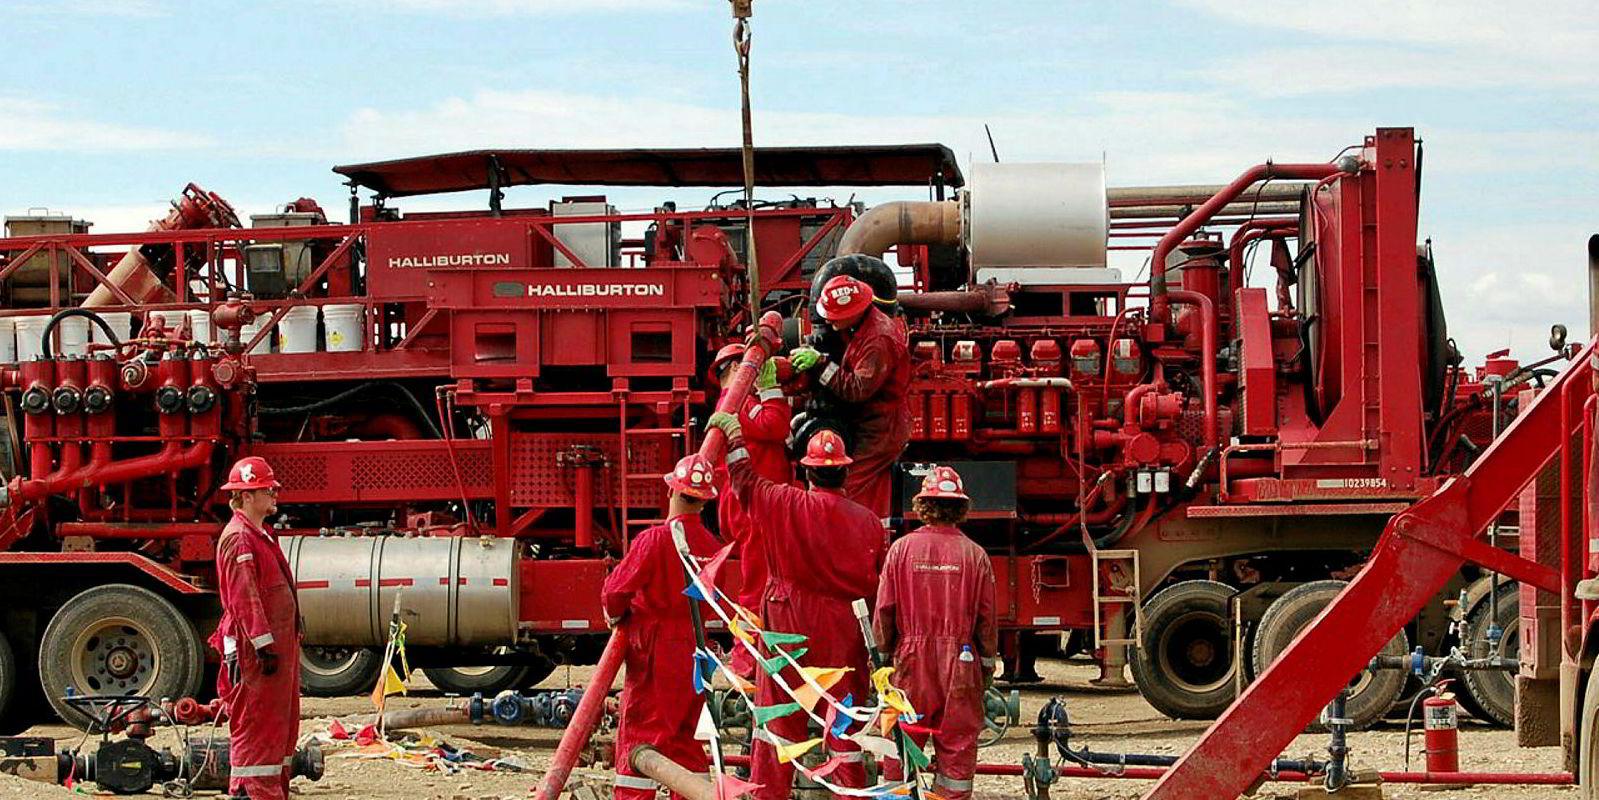 Halliburton workers offshore